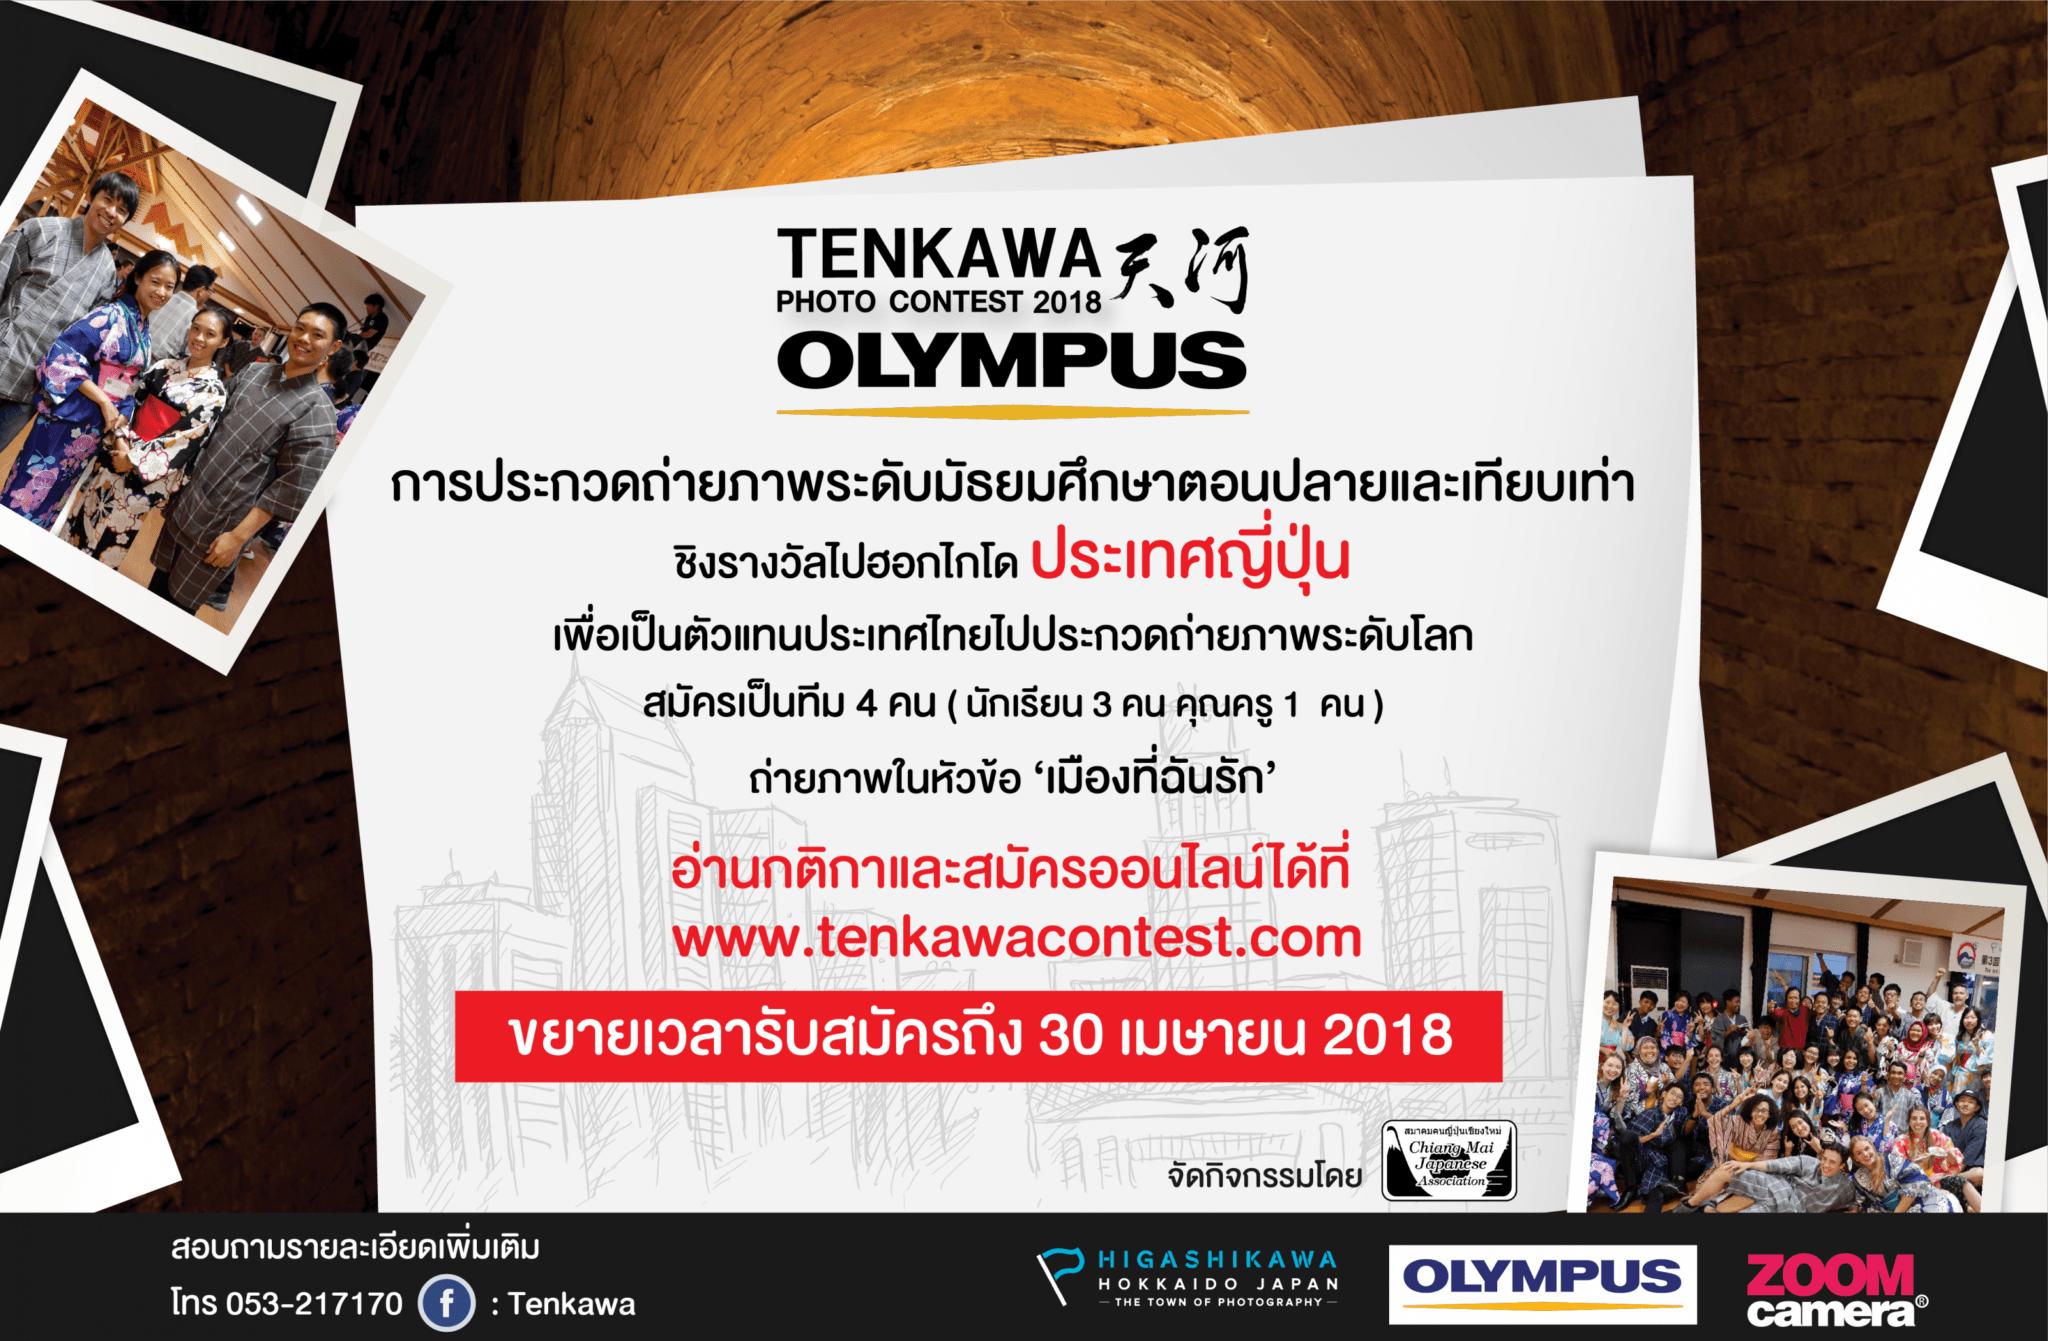 ประกวดถ่ายภาพระดับม.ปลาย Olympus Tenkawa Photo Contest 2018 ชิงรางวัลไปฮอกไกโด 13 -